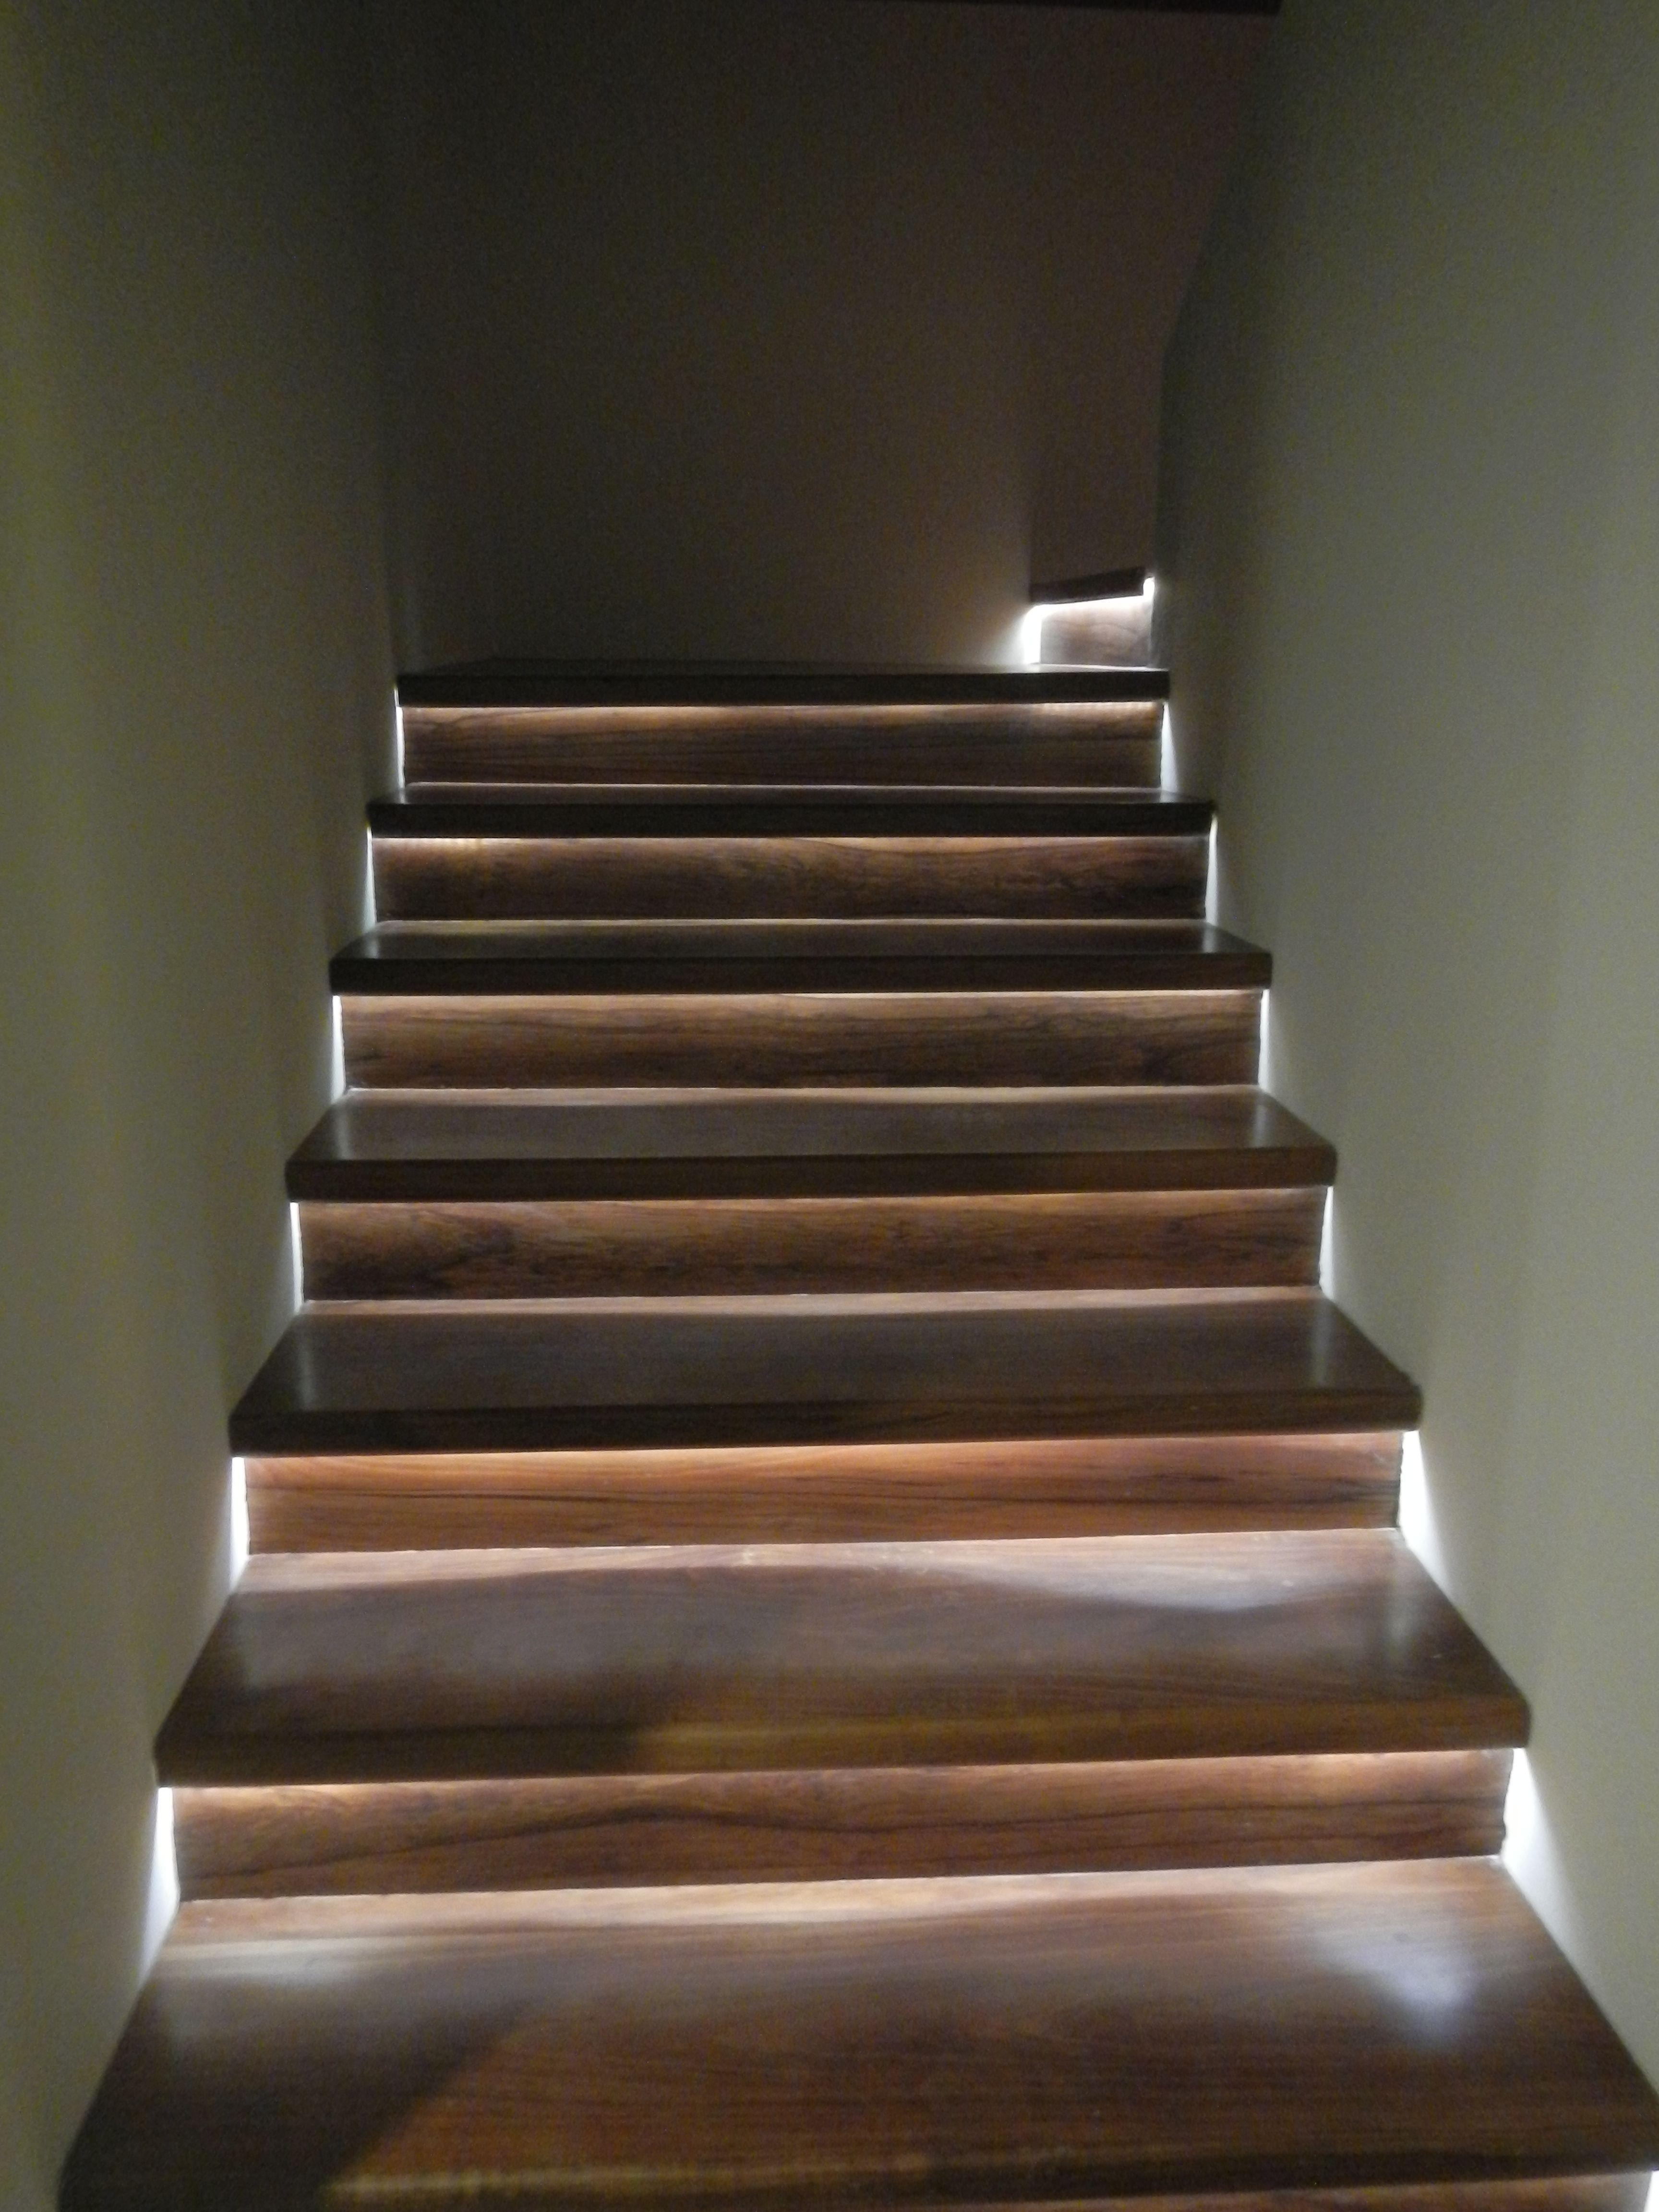 Iluminaci n indirecta en los escalones de la escalera con - Imagenes iluminacion led ...